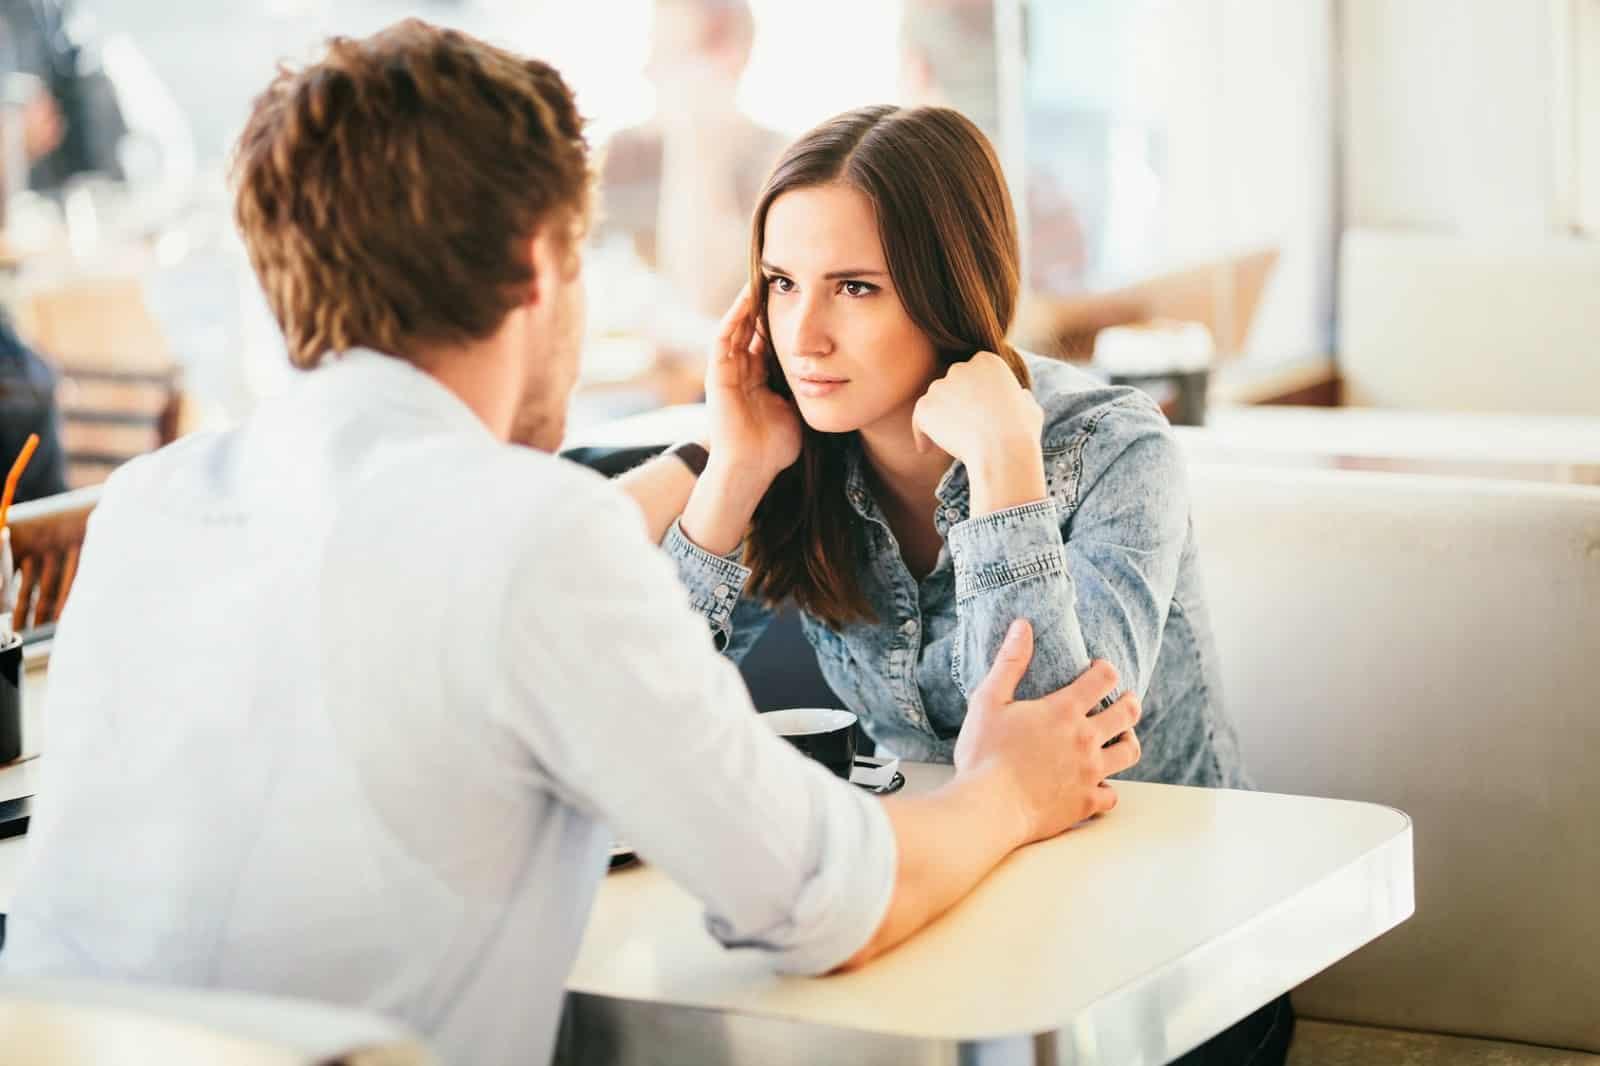 هذه الأعراض تهدد علاقتك الزوجية